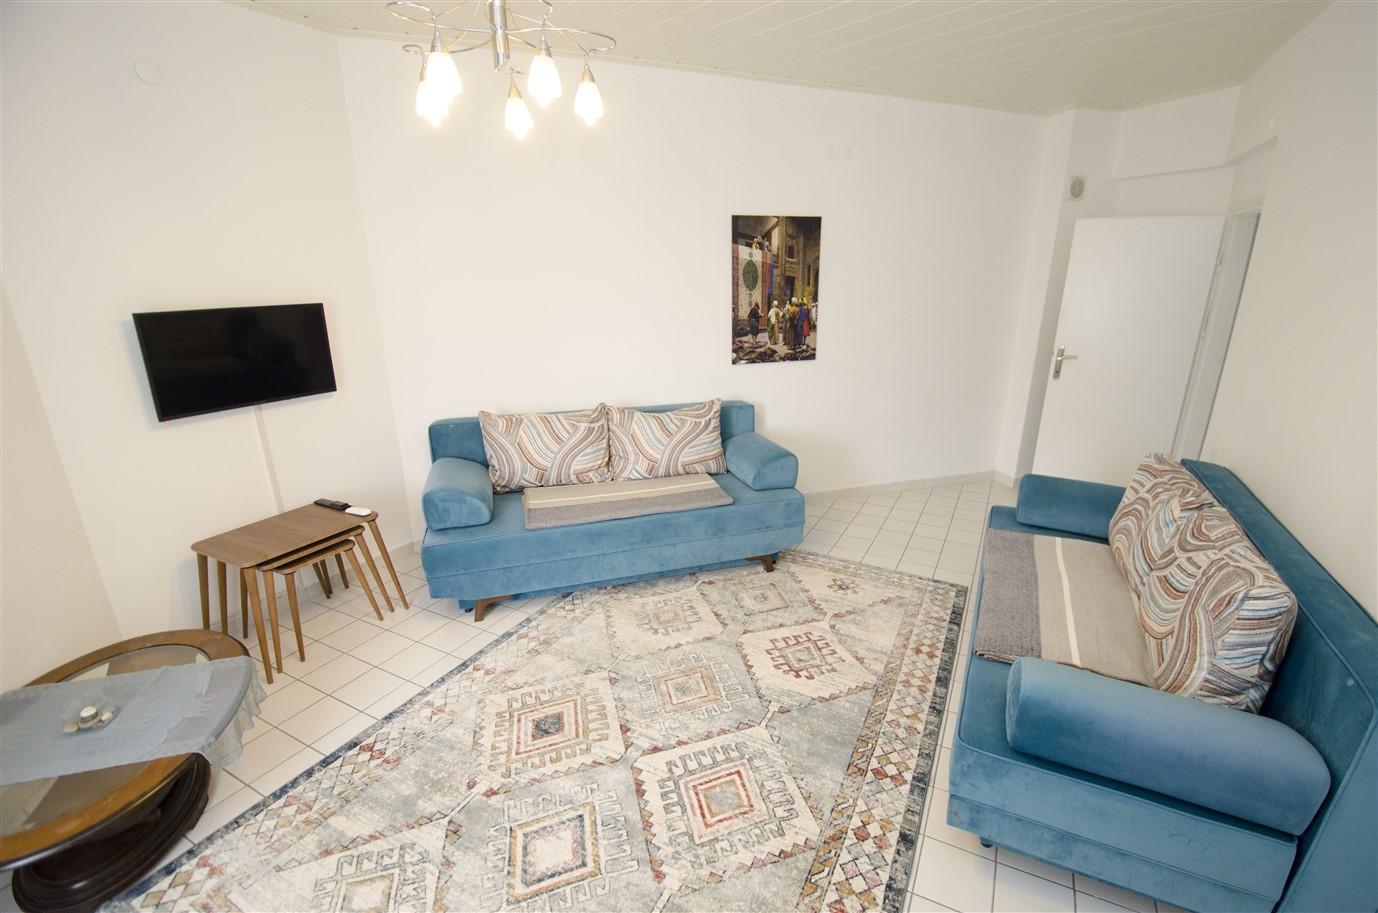 Квартира 1+1 с мебелью в районе Лиман Коньяалты Анталия - Фото 5